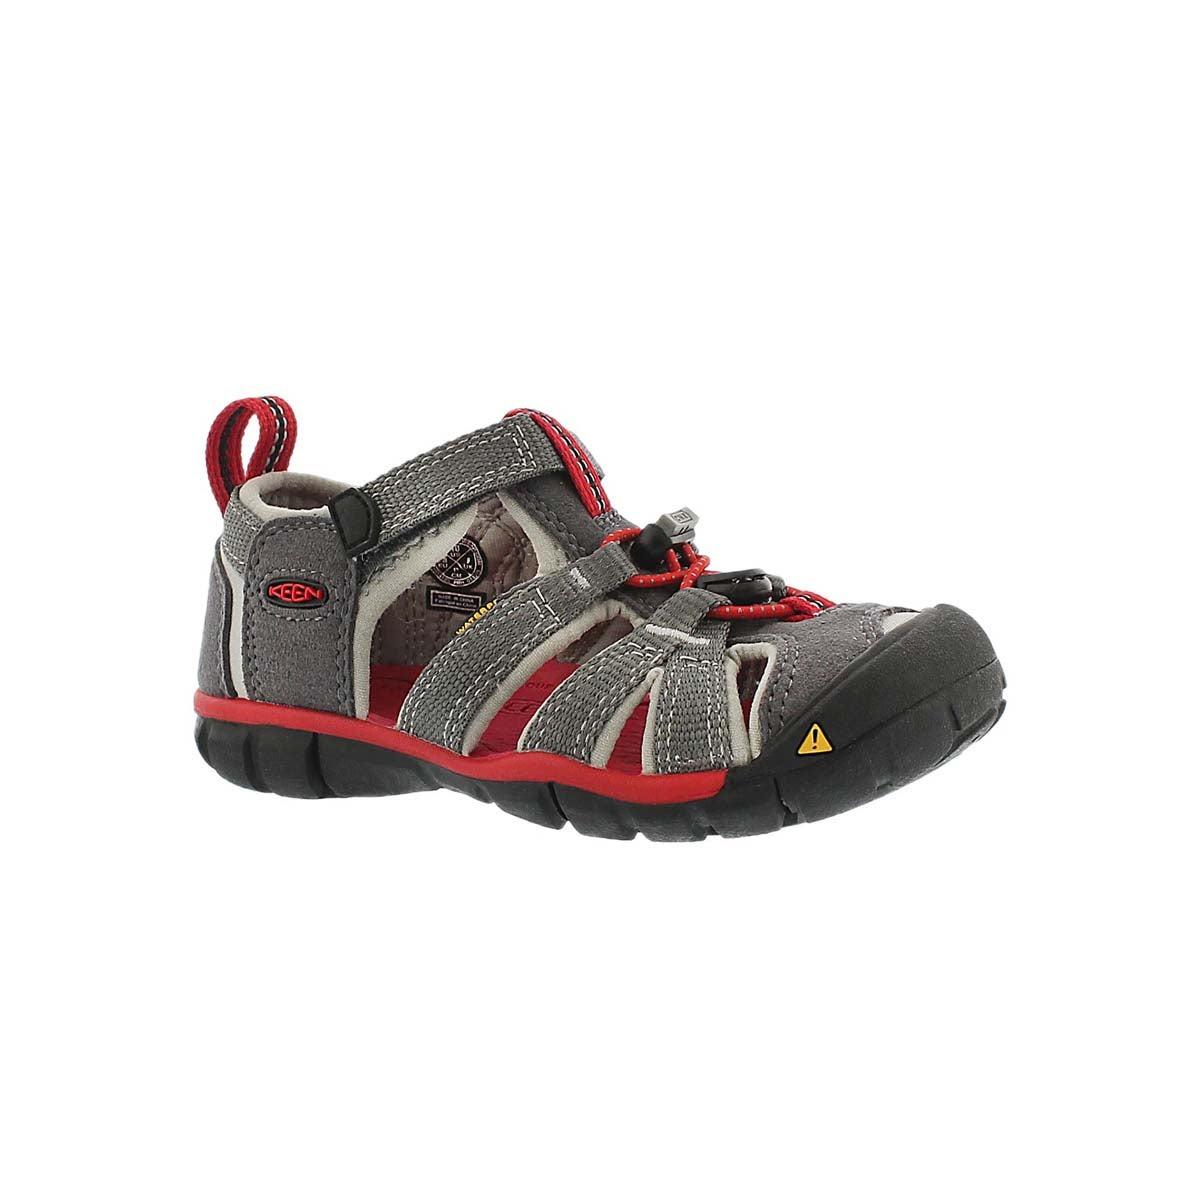 Infants' SEACAMP II grey/red sport sandals